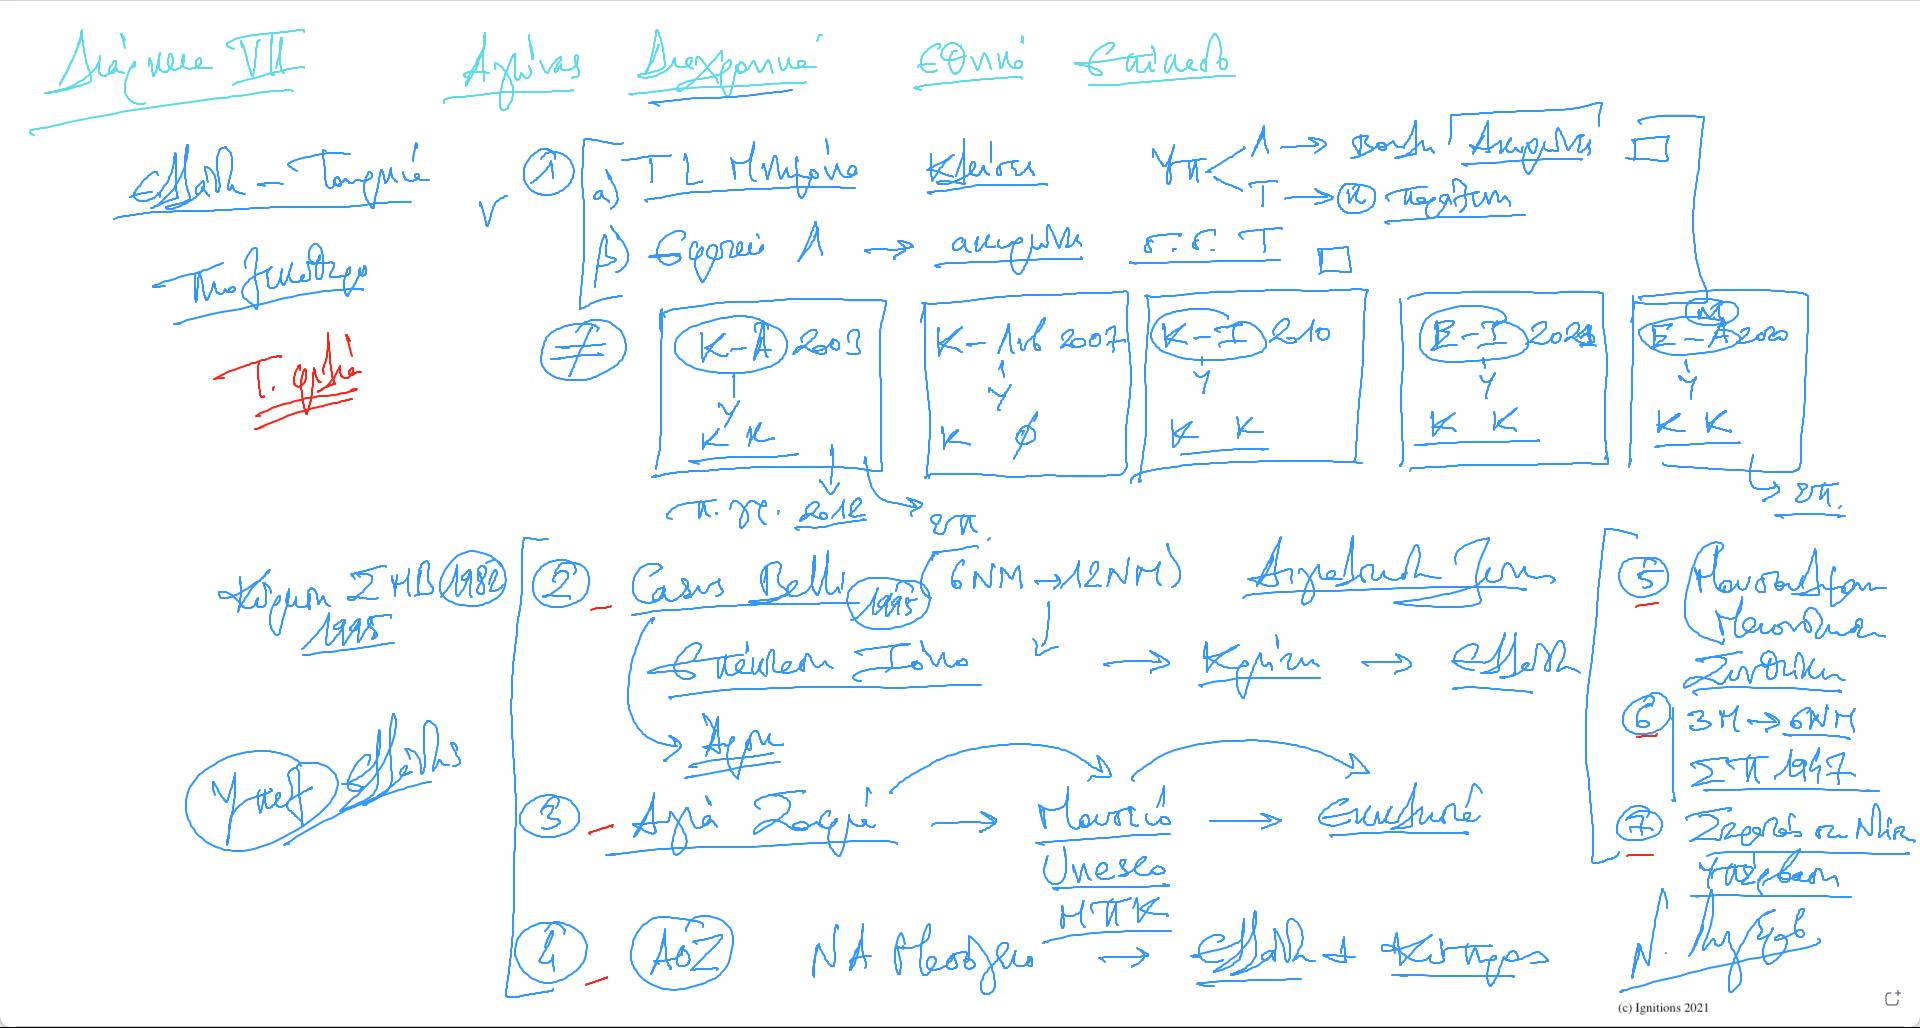 60797 - Στρατηγική ανάλυση ελληνικής αντεπίθεσης.ΔΙΑΡΚΕΙΑ VΙΙ. (Dessin)